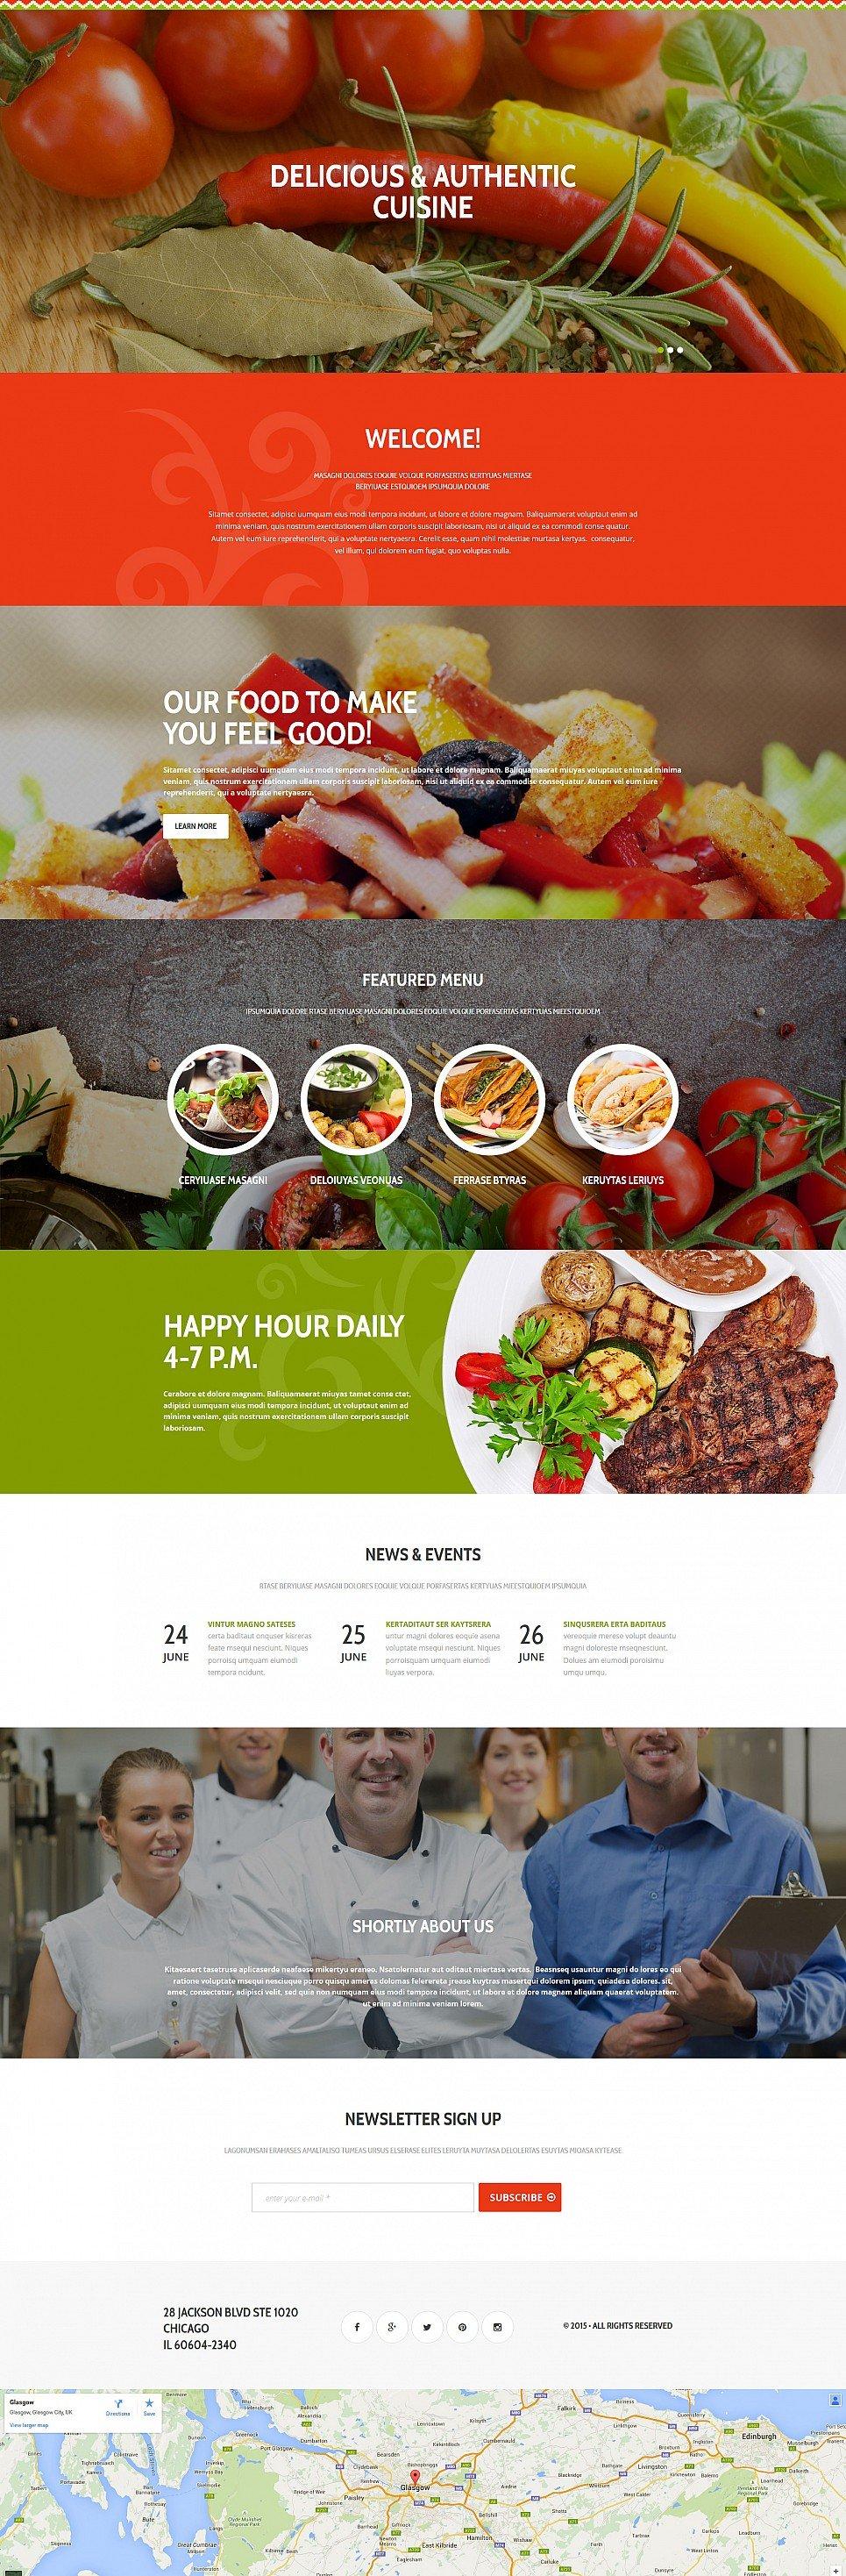 Einseitige Homepage-Vorlage für ein modernes Restaurant - image